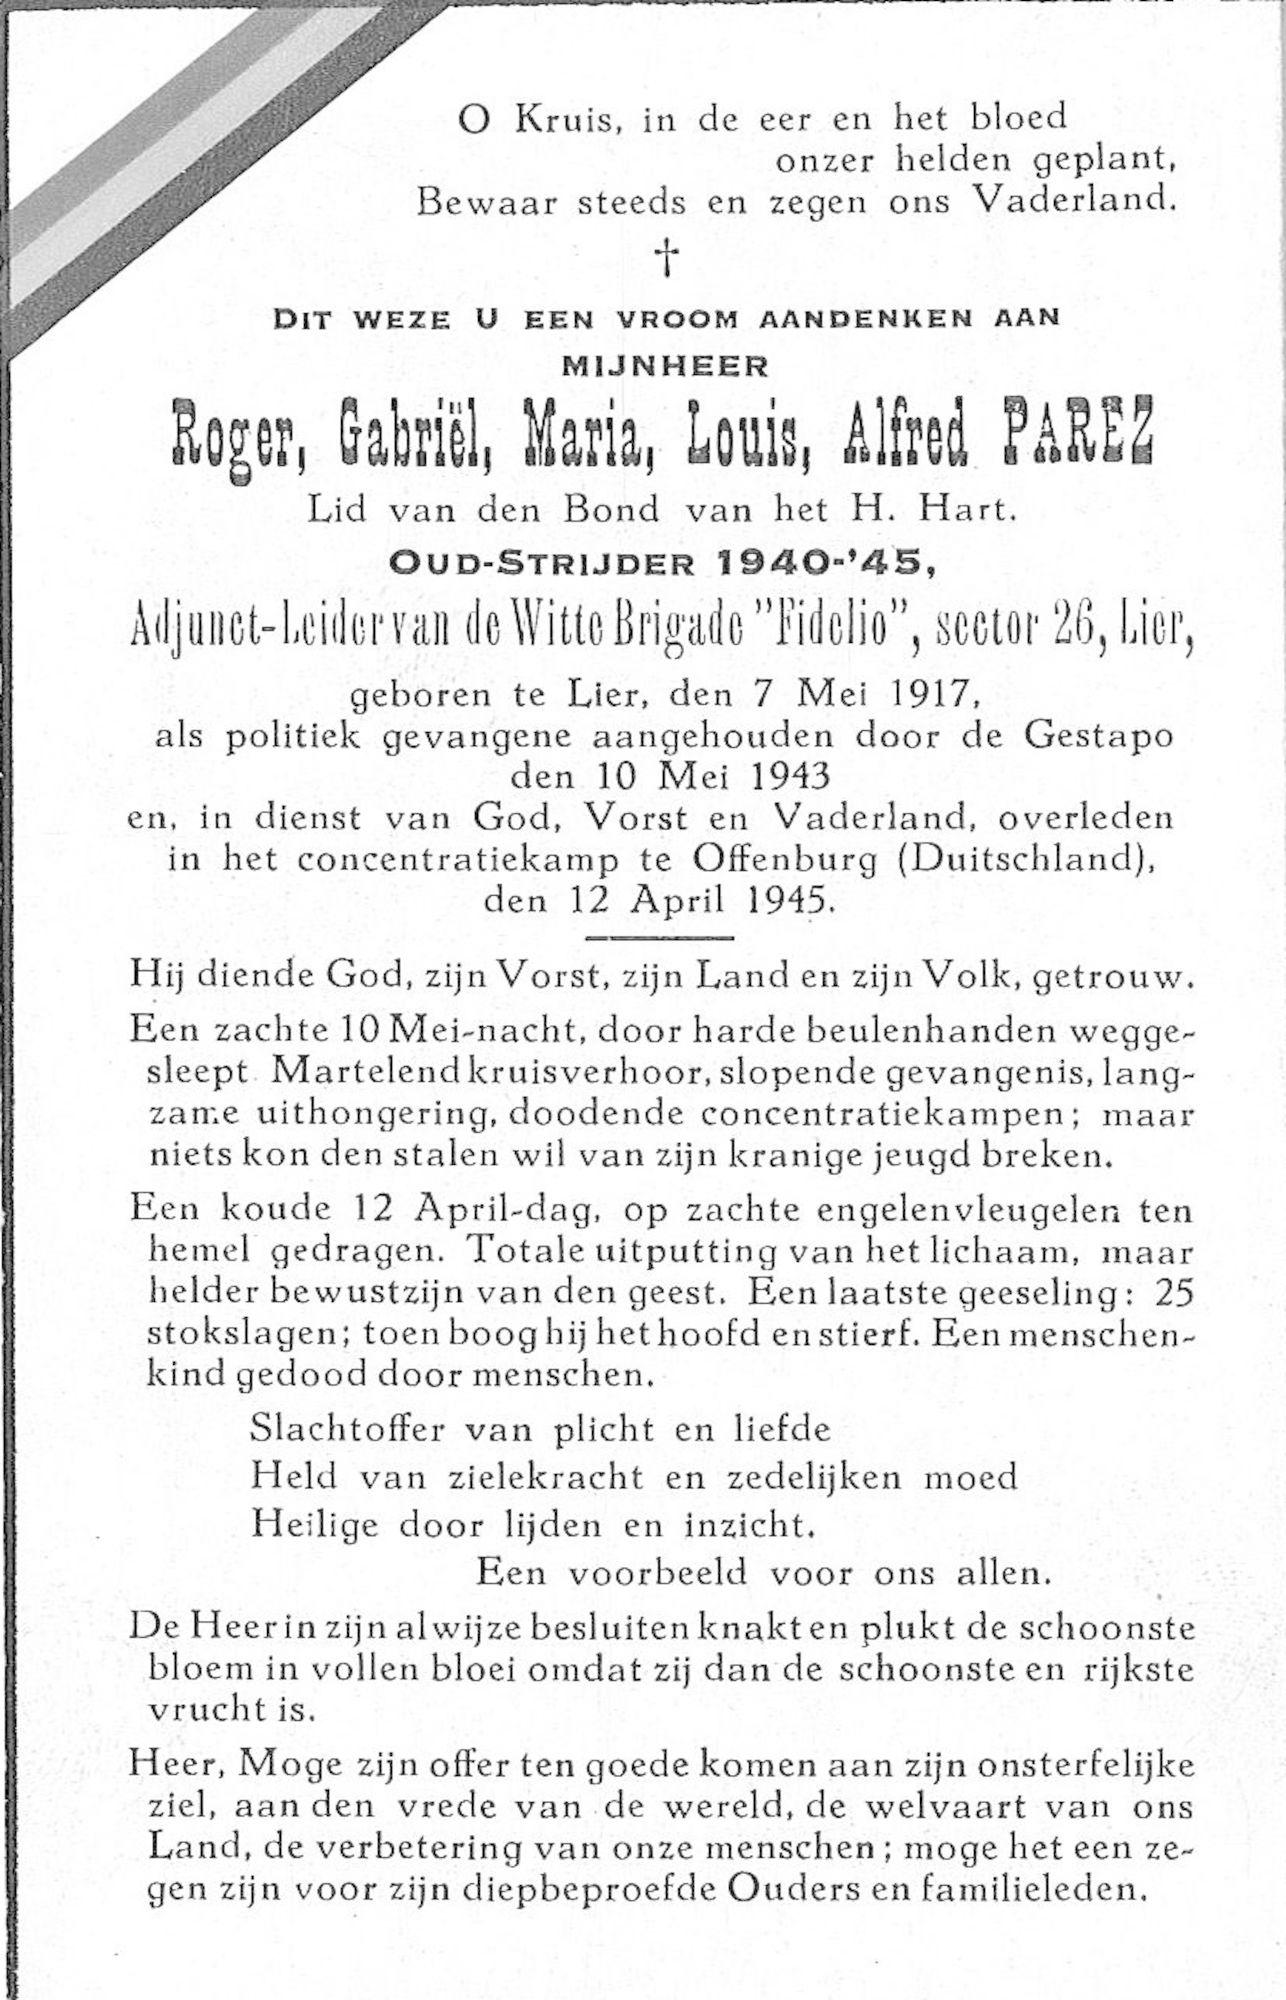 Roger-Gabriël-Maria-Louis-Alfred Parez